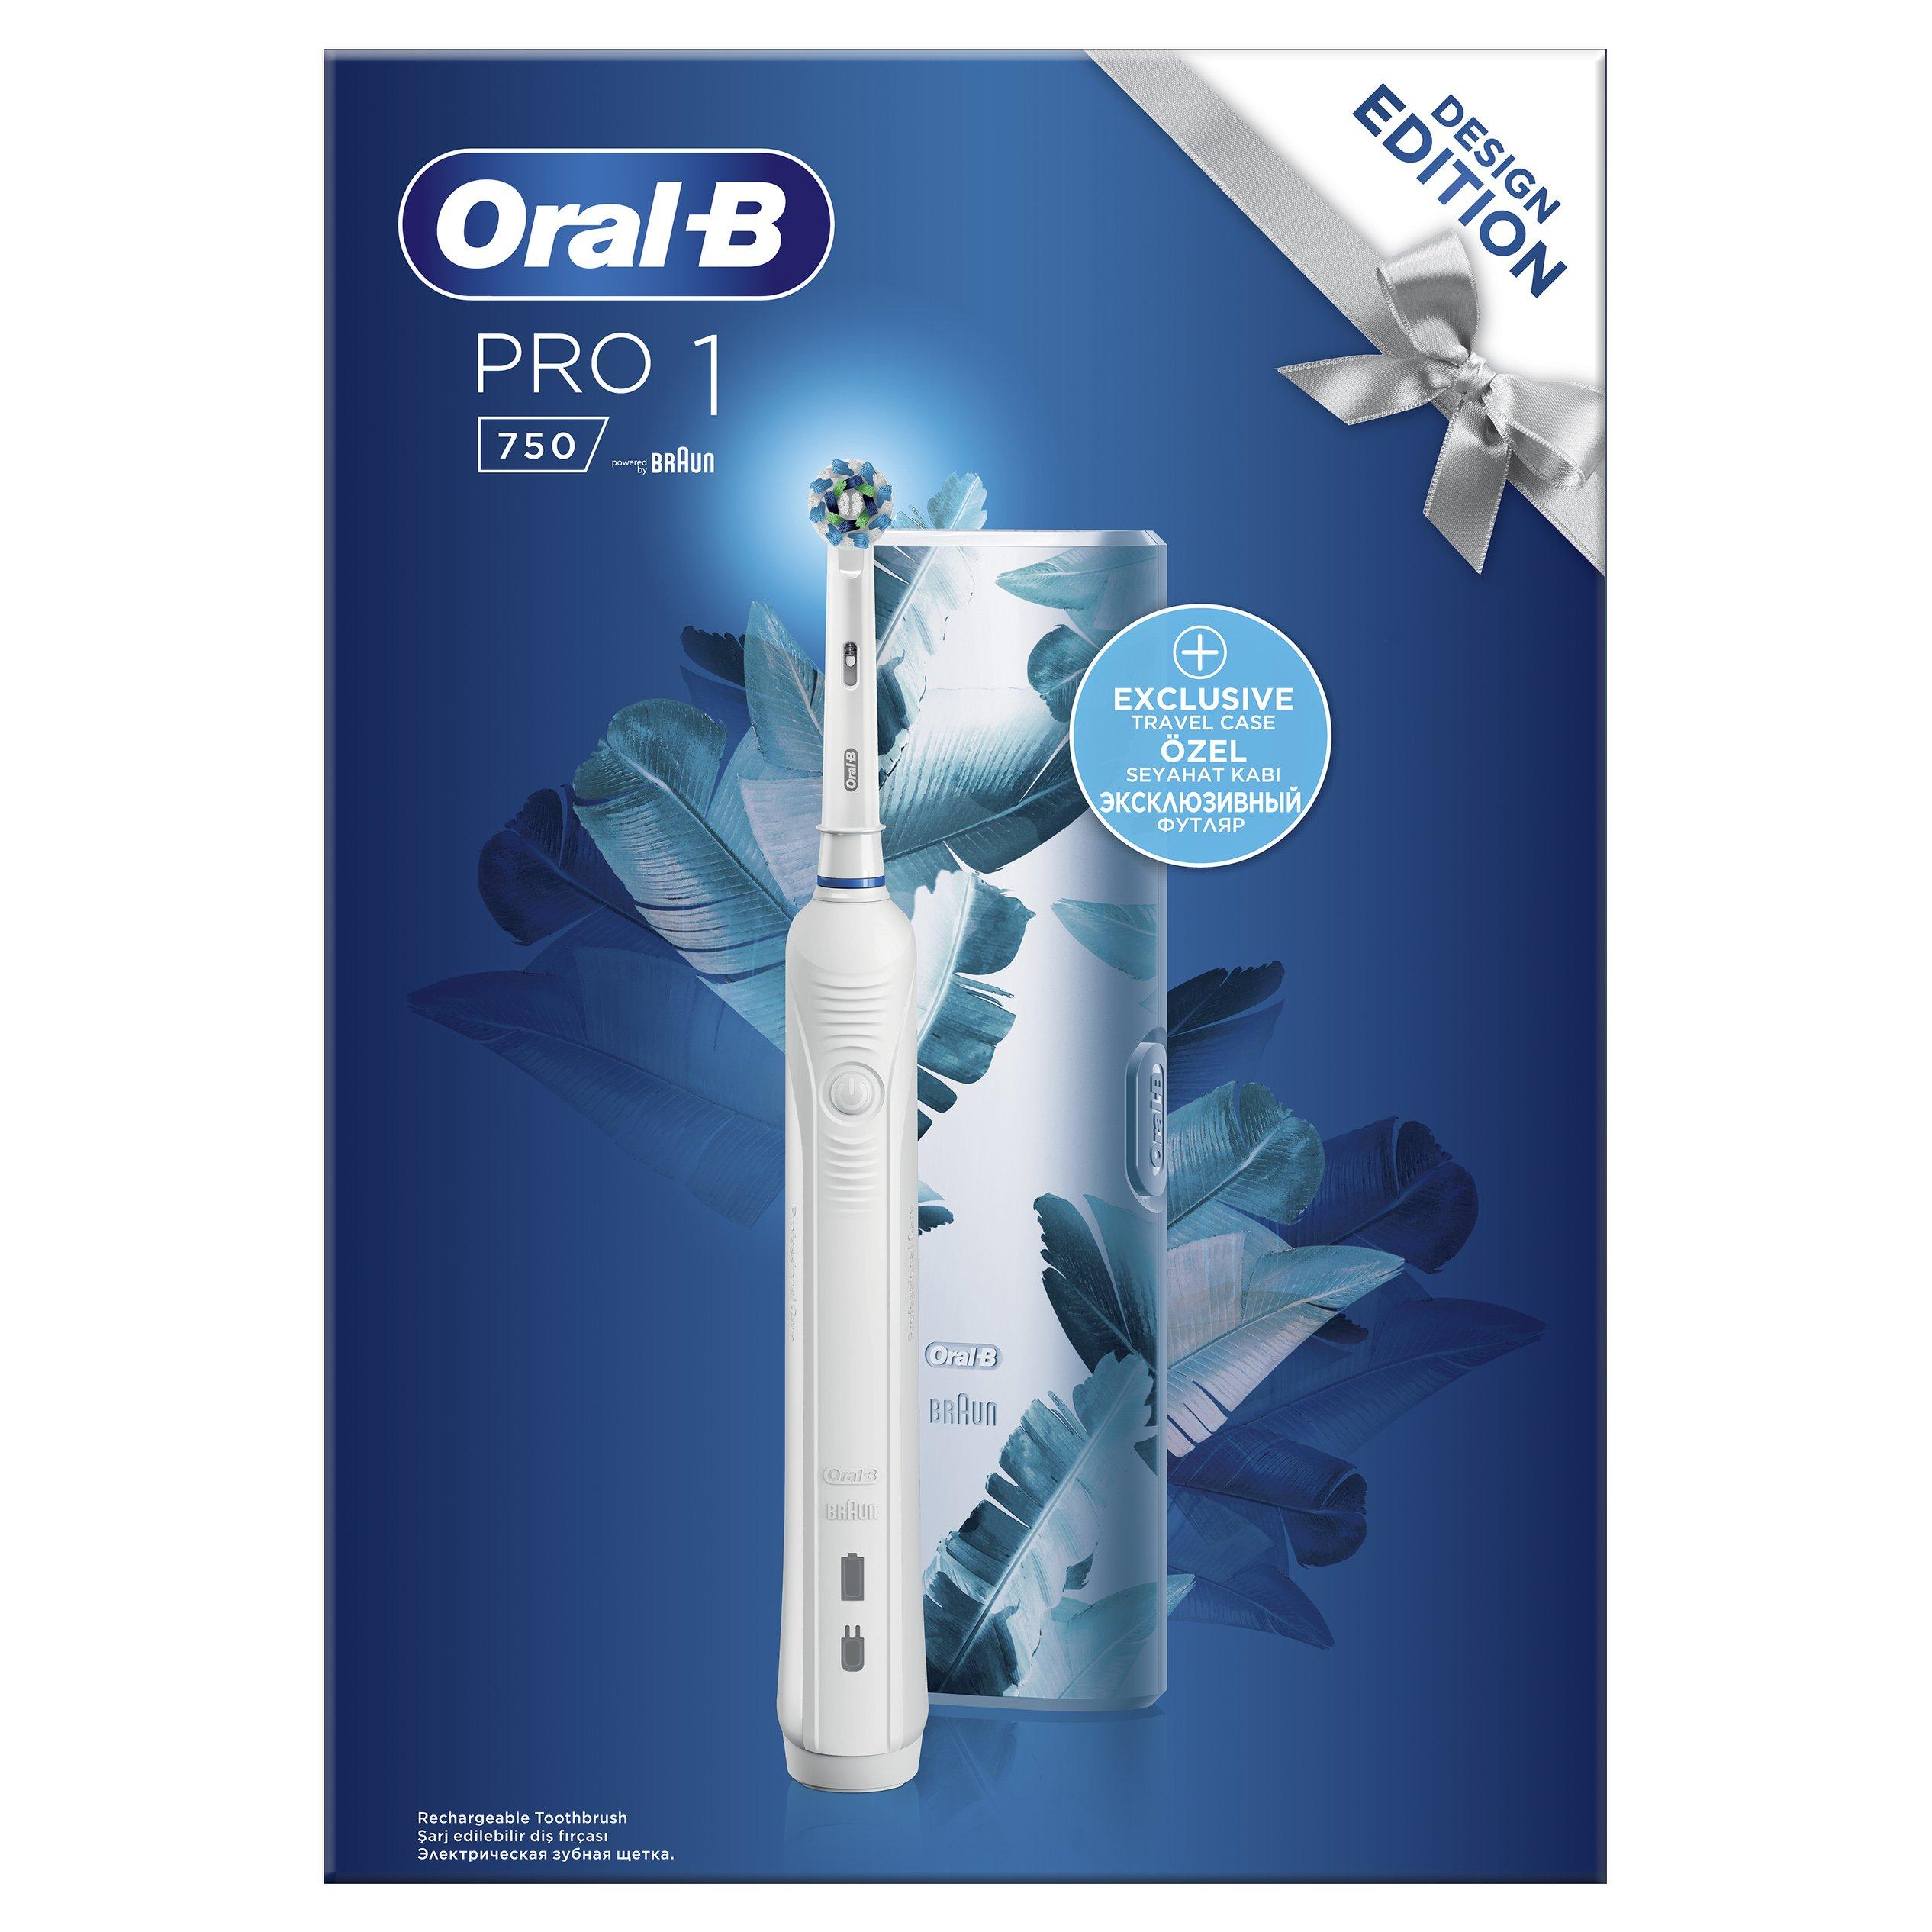 Oral-B Pro 1 750 Design Edition Blue Ηλεκτρική Οδοντόβουρτσα για πιο Λευκά Δόντια από την 1η Μέρα & Δώρο Premium Θήκη Ταξιδίου